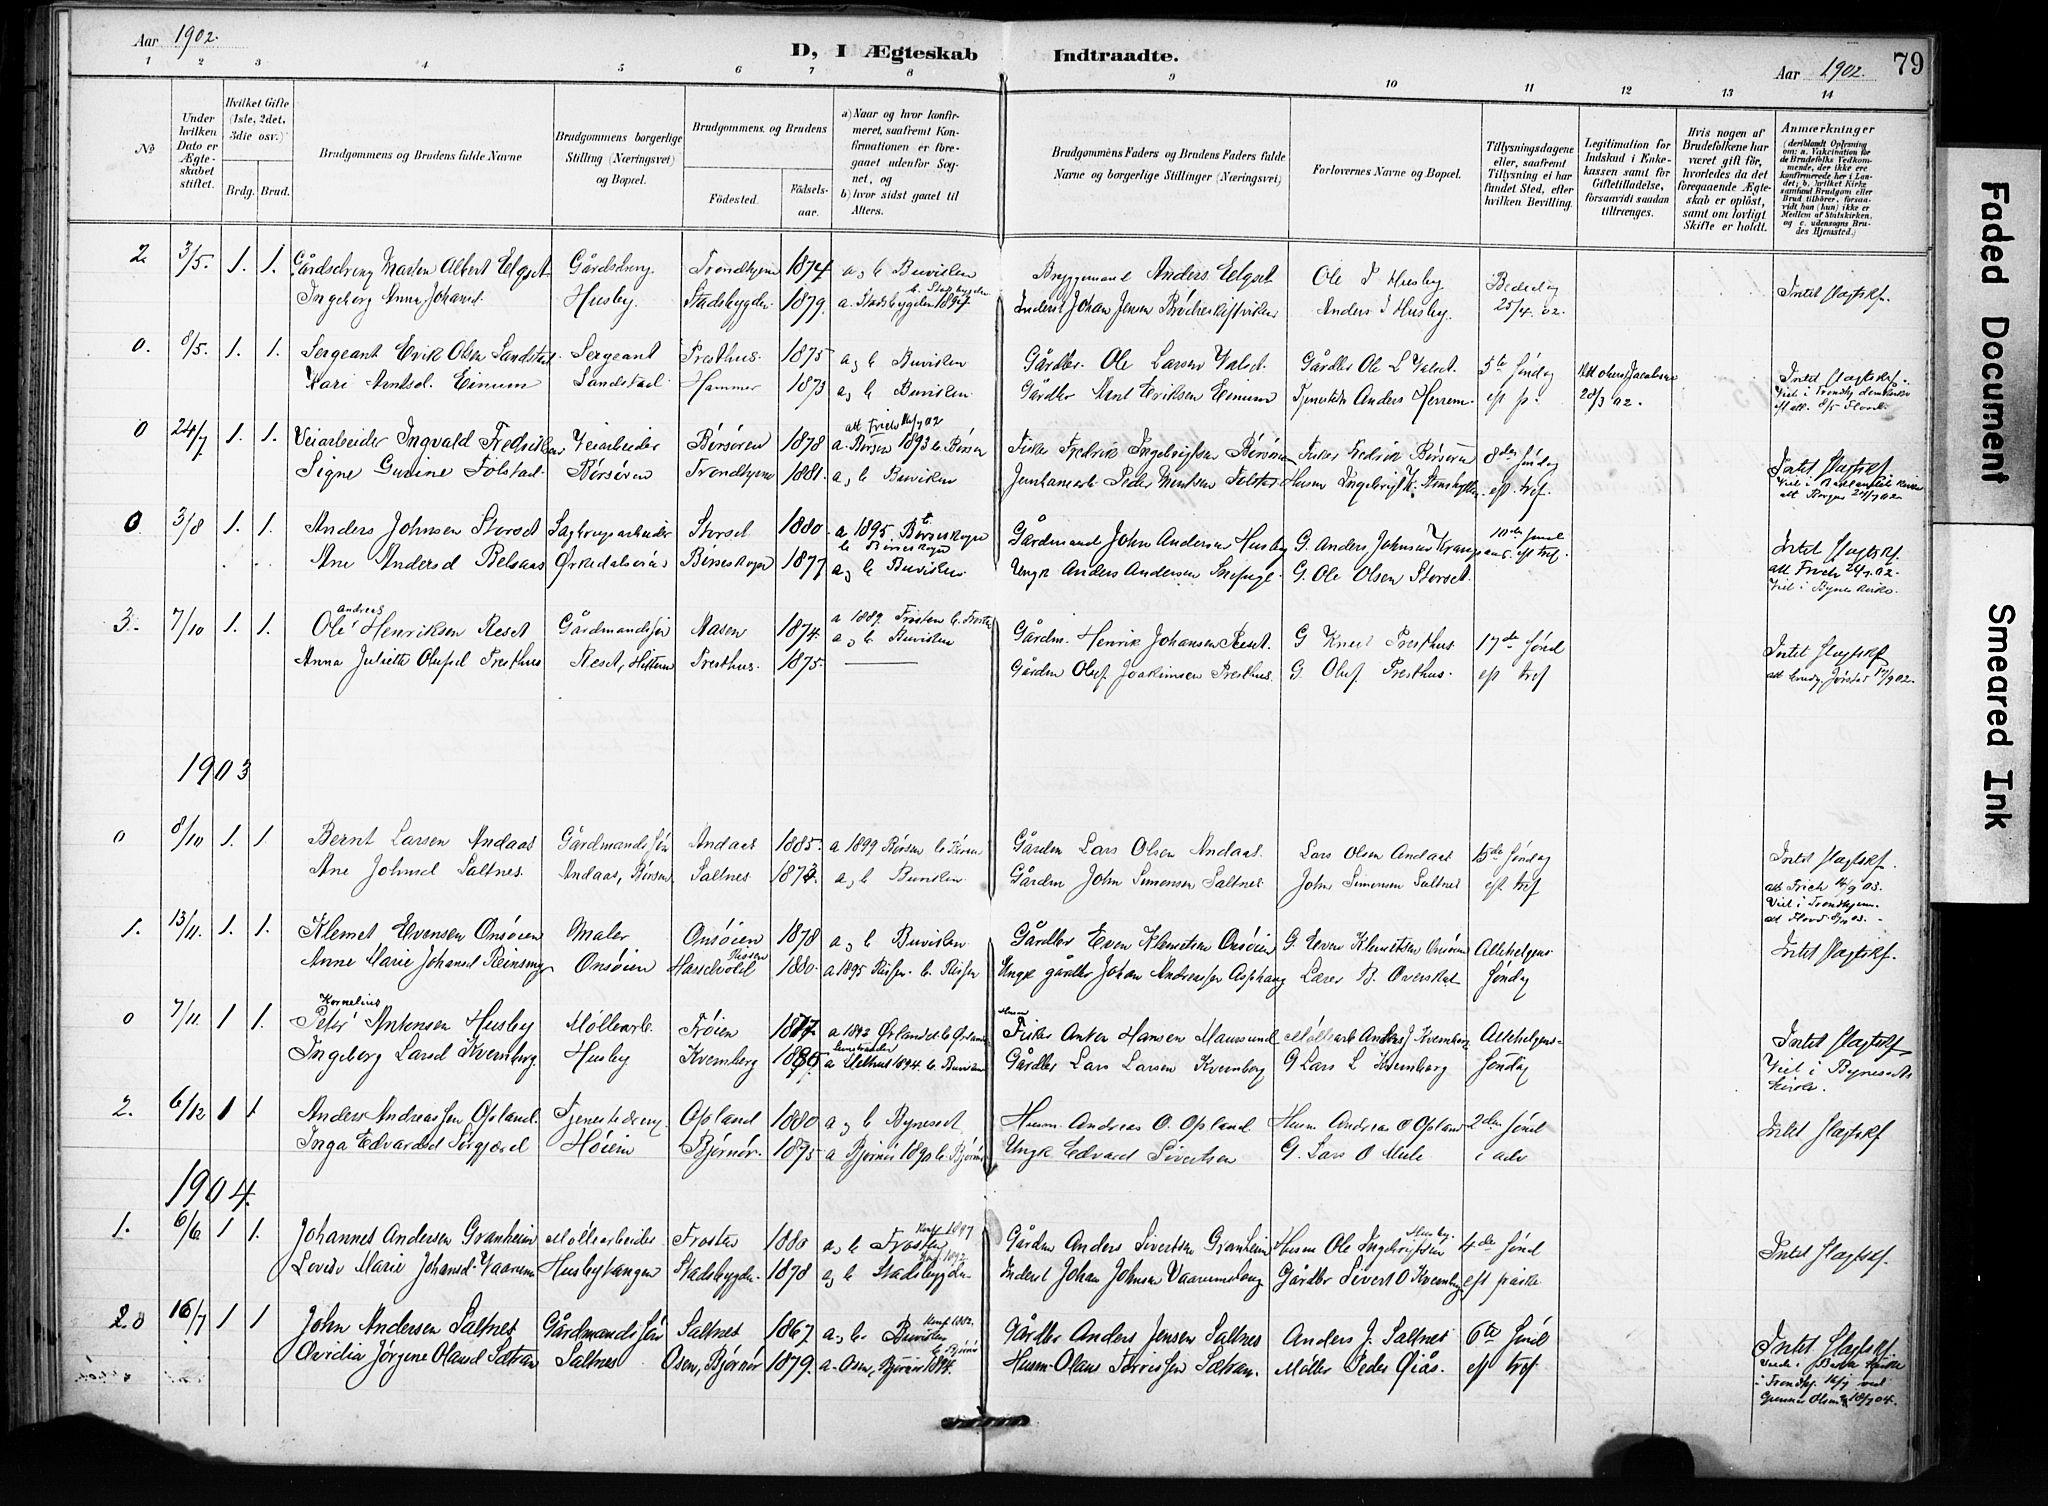 SAT, Ministerialprotokoller, klokkerbøker og fødselsregistre - Sør-Trøndelag, 666/L0787: Ministerialbok nr. 666A05, 1895-1908, s. 79